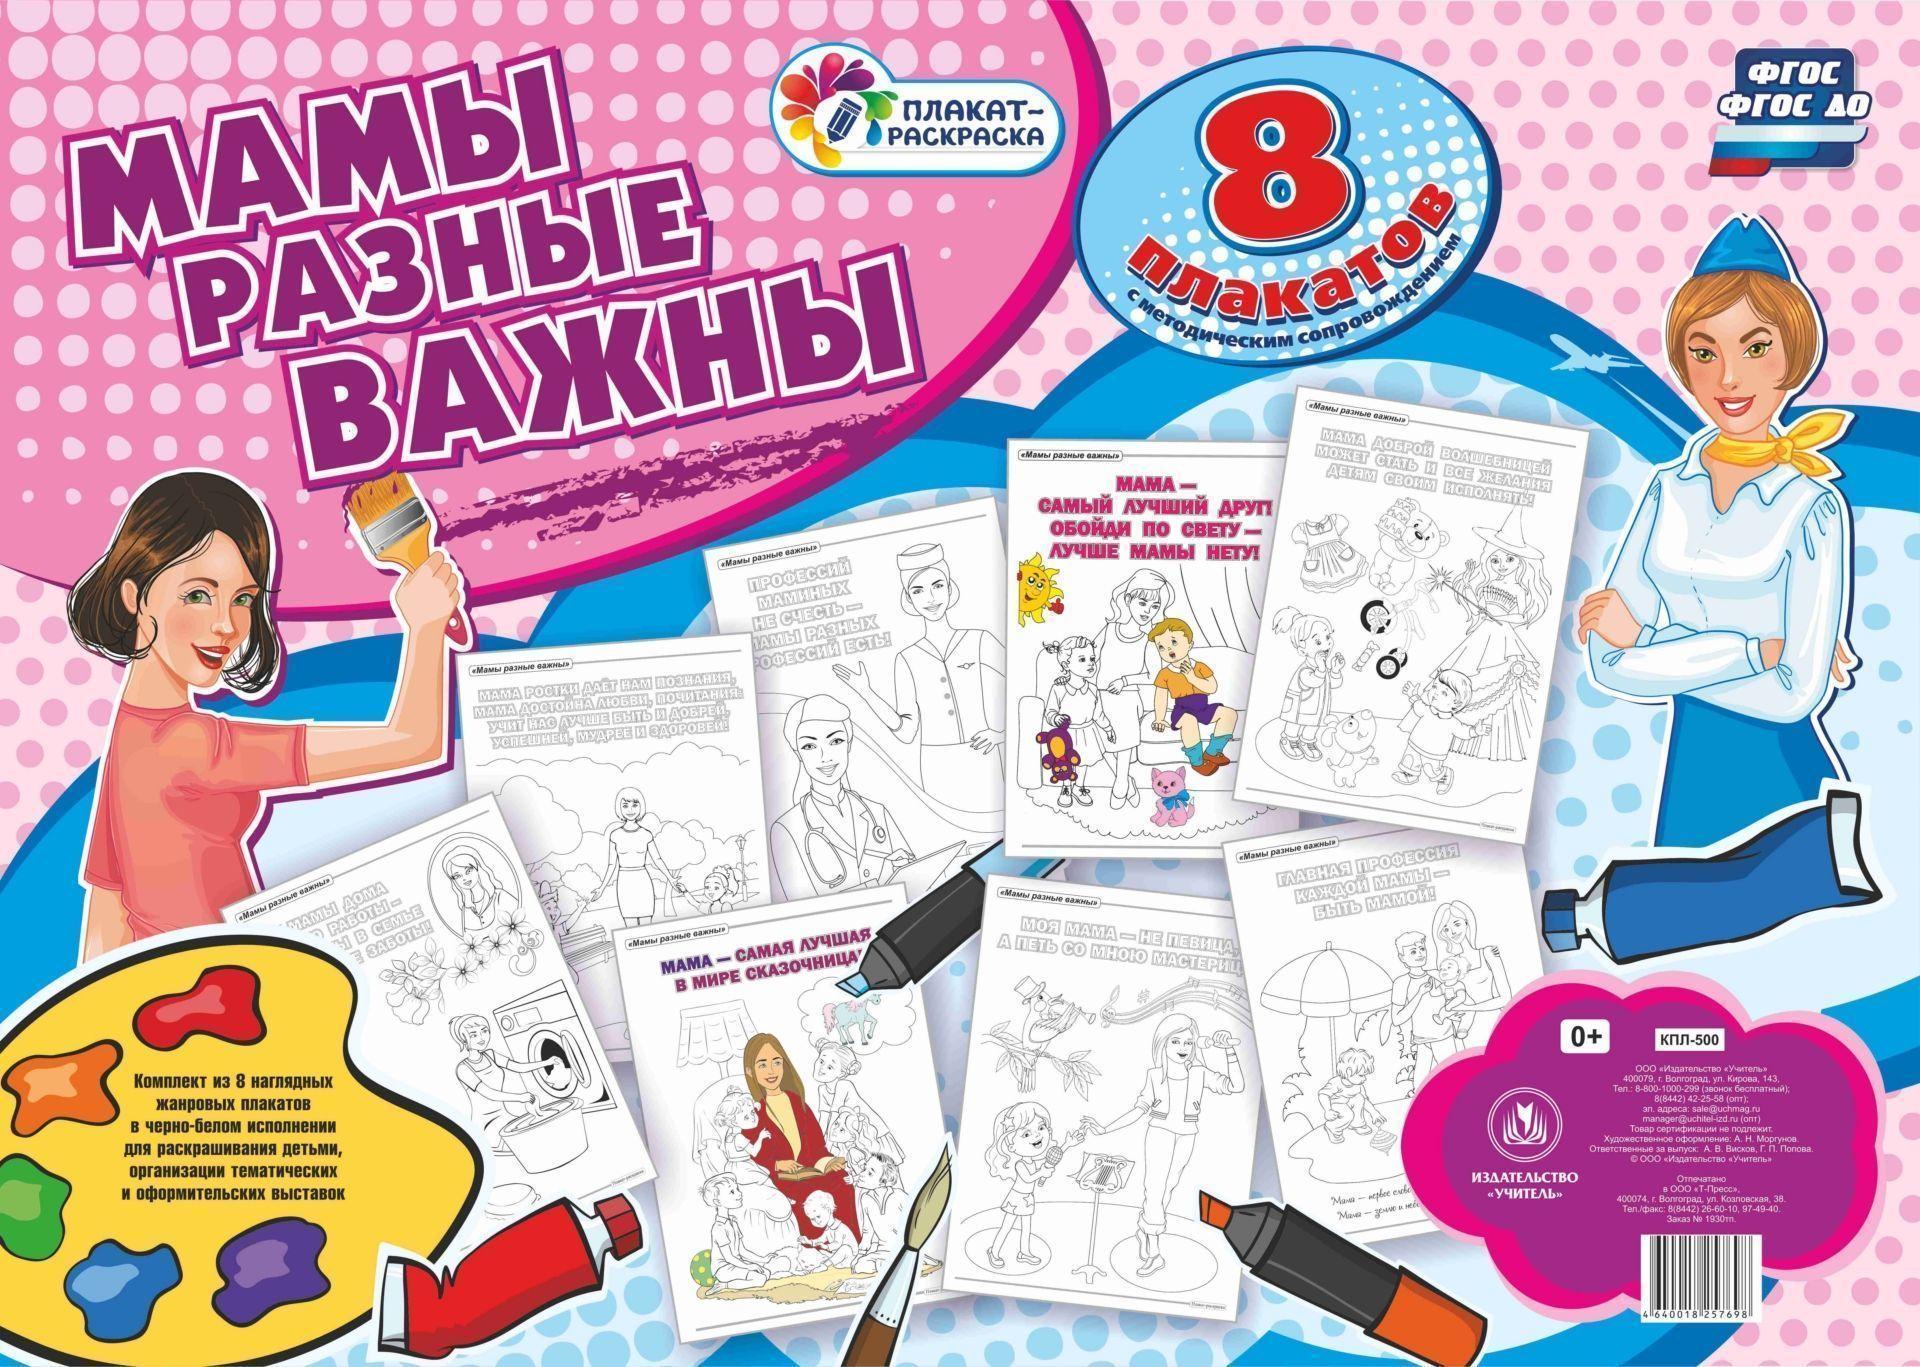 Комплект раскрасок Мамы разные важны: 8 плакатов  А2 с методическим сопровождением